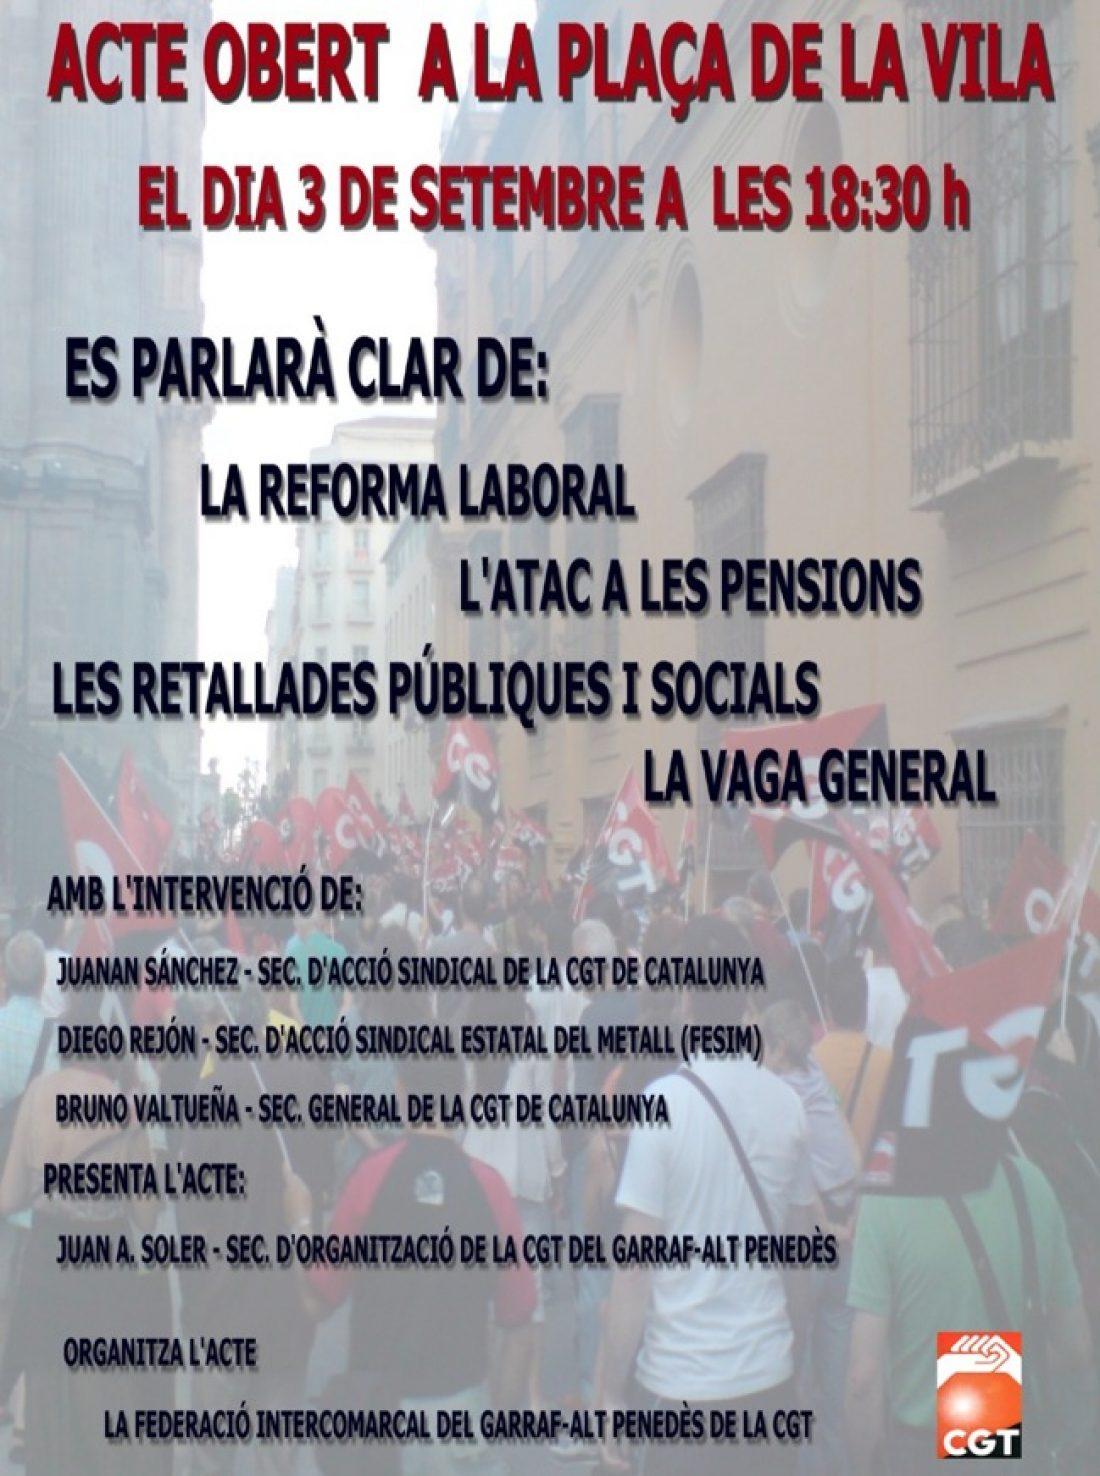 Vilanova i la Geltrú, 3 de Septiembre: Acto público sobre la reforma laboral